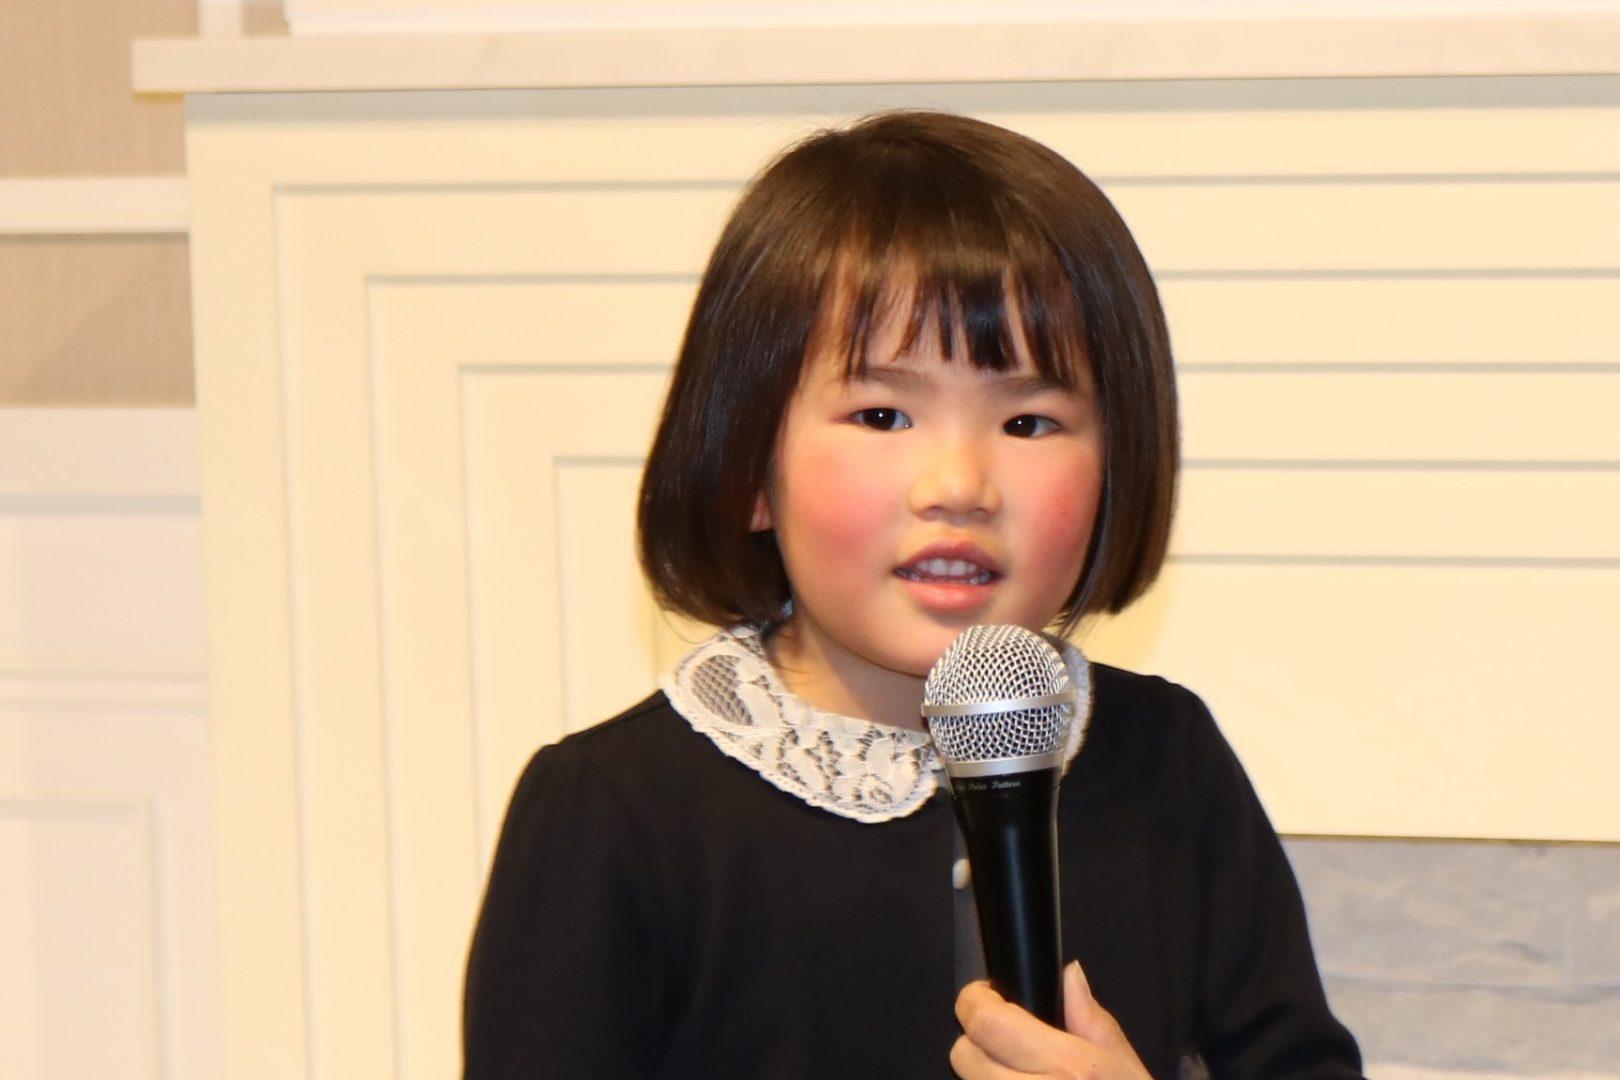 【卓球・Tリーグ】4歳・木方菜々美ちゃんがT.T 彩たまジュニアに所属